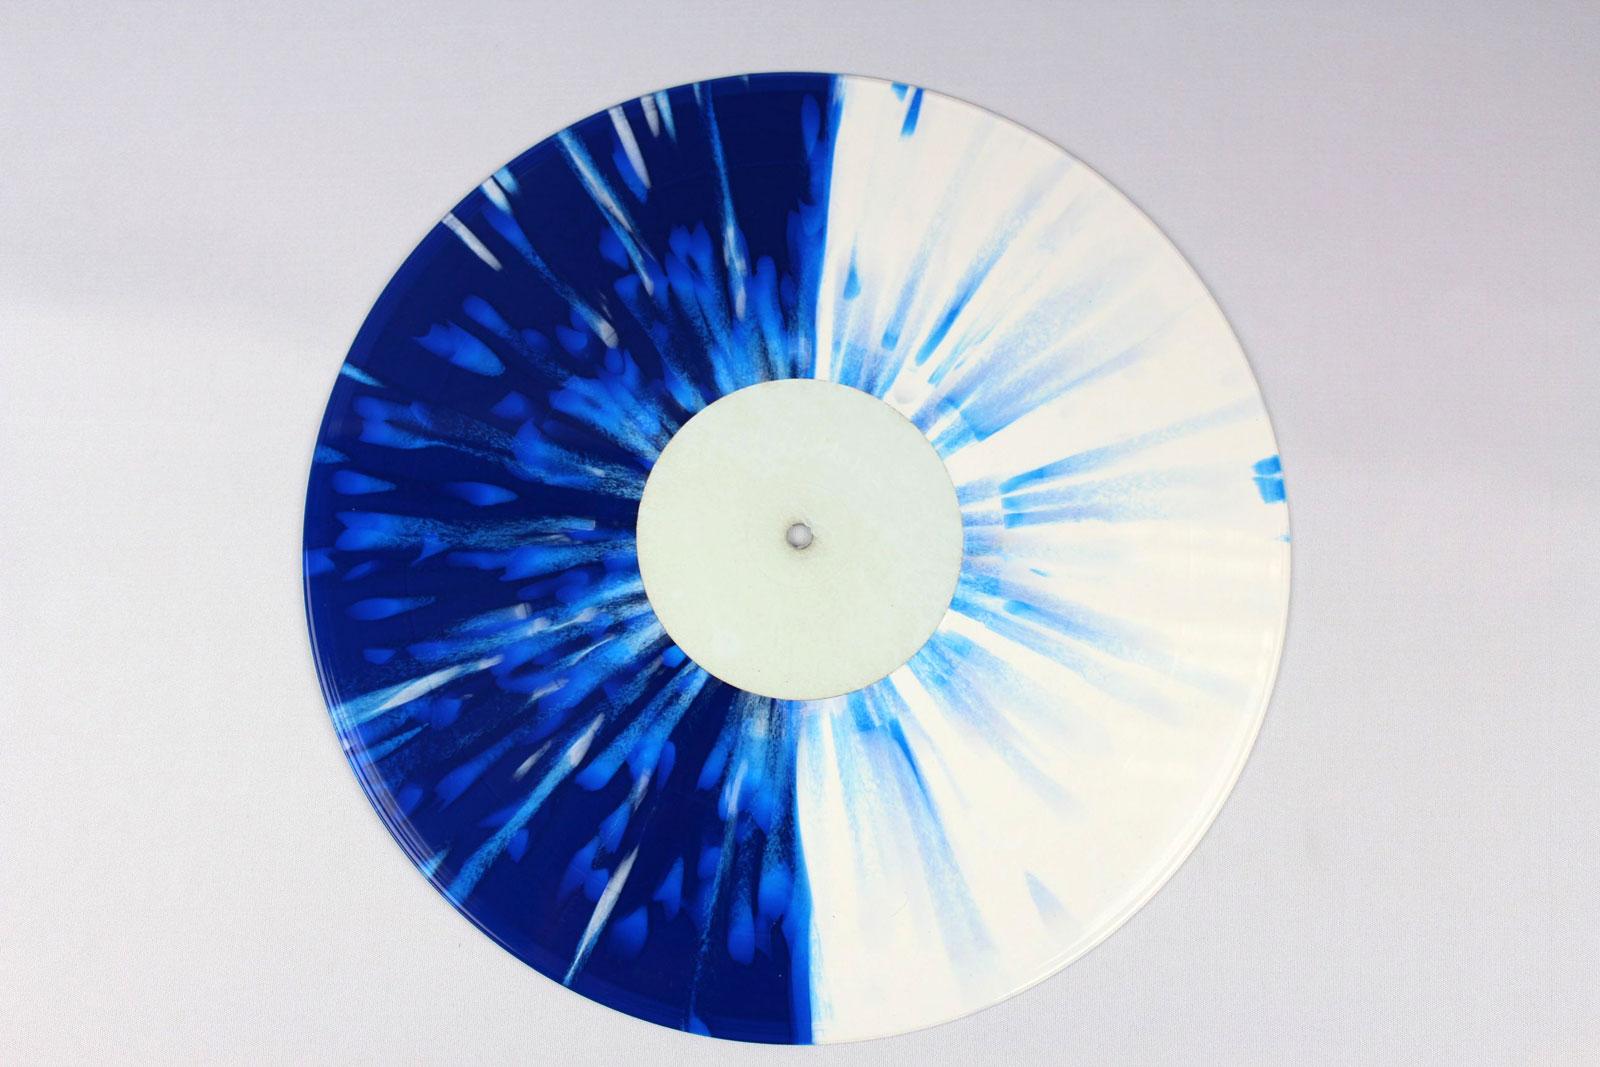 blue / 70% white + 30% clear / Splatter: blue, white